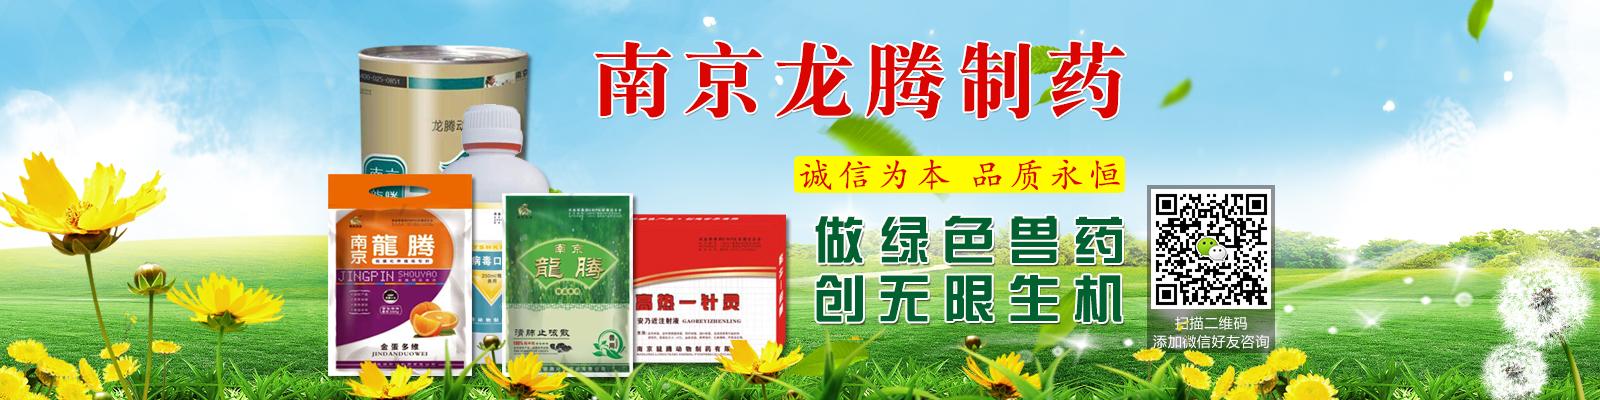 南京龙腾动物制药有限公司